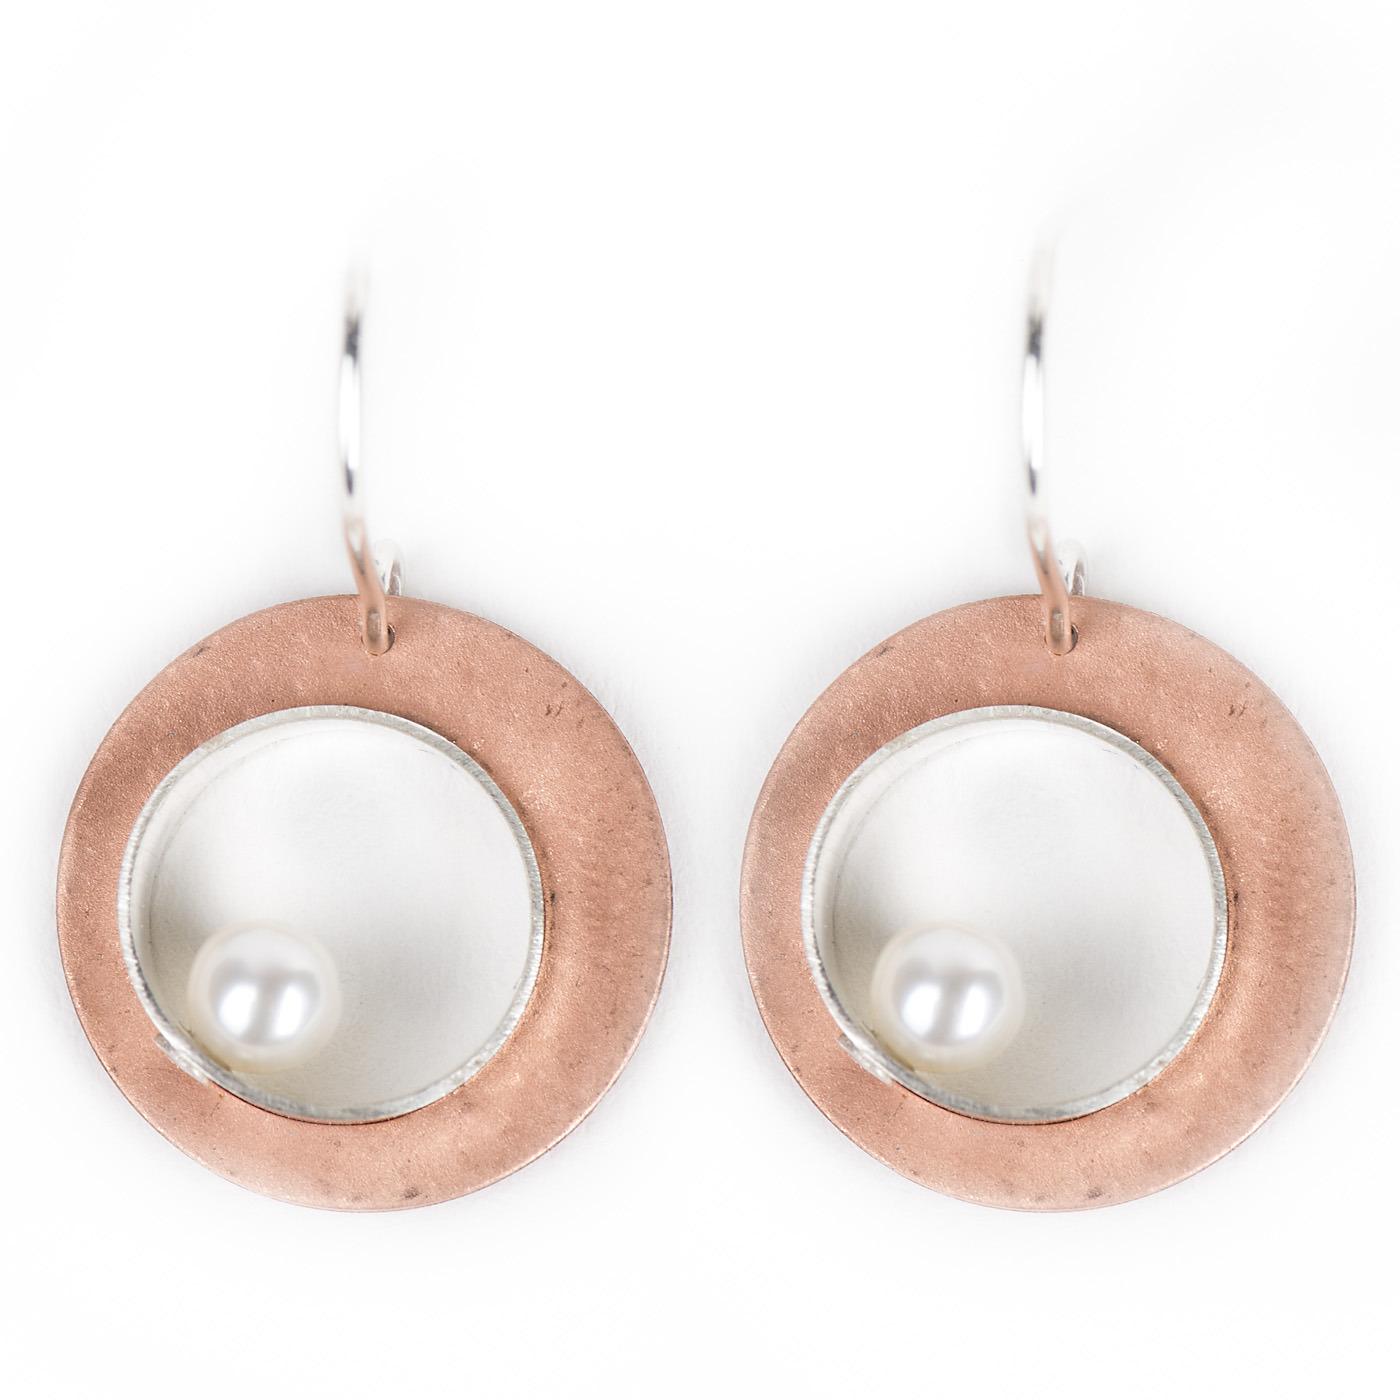 Artisan, Eco-Friendly, Designer Inner Sanctum Earrings